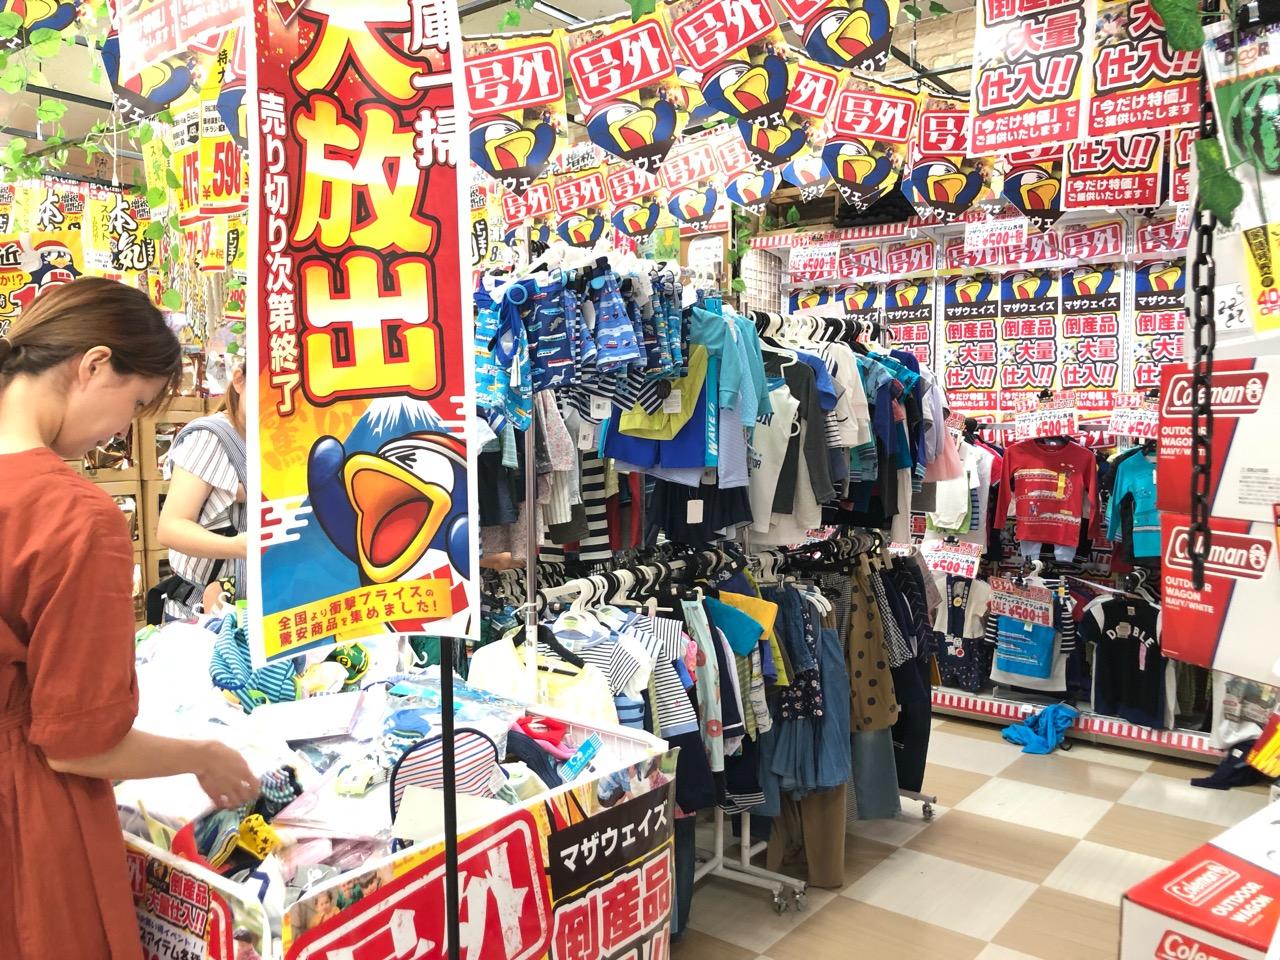 ドン・キホーテ豊田本店でのマザウェイズセール